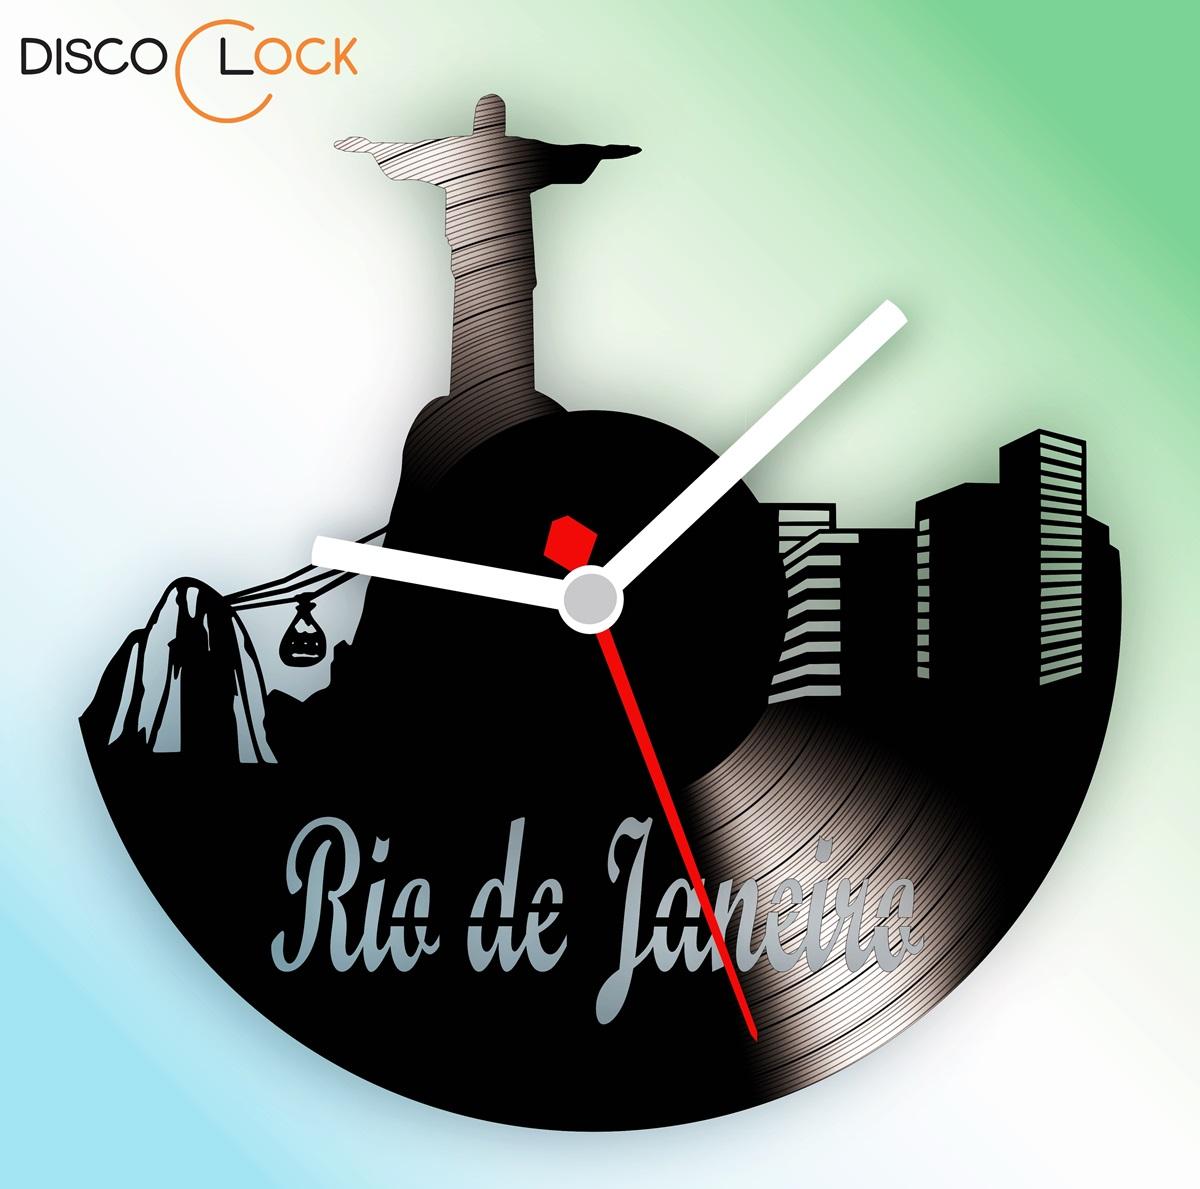 5c336f611af Rio de Janeiro Quadro Disco de Vinil